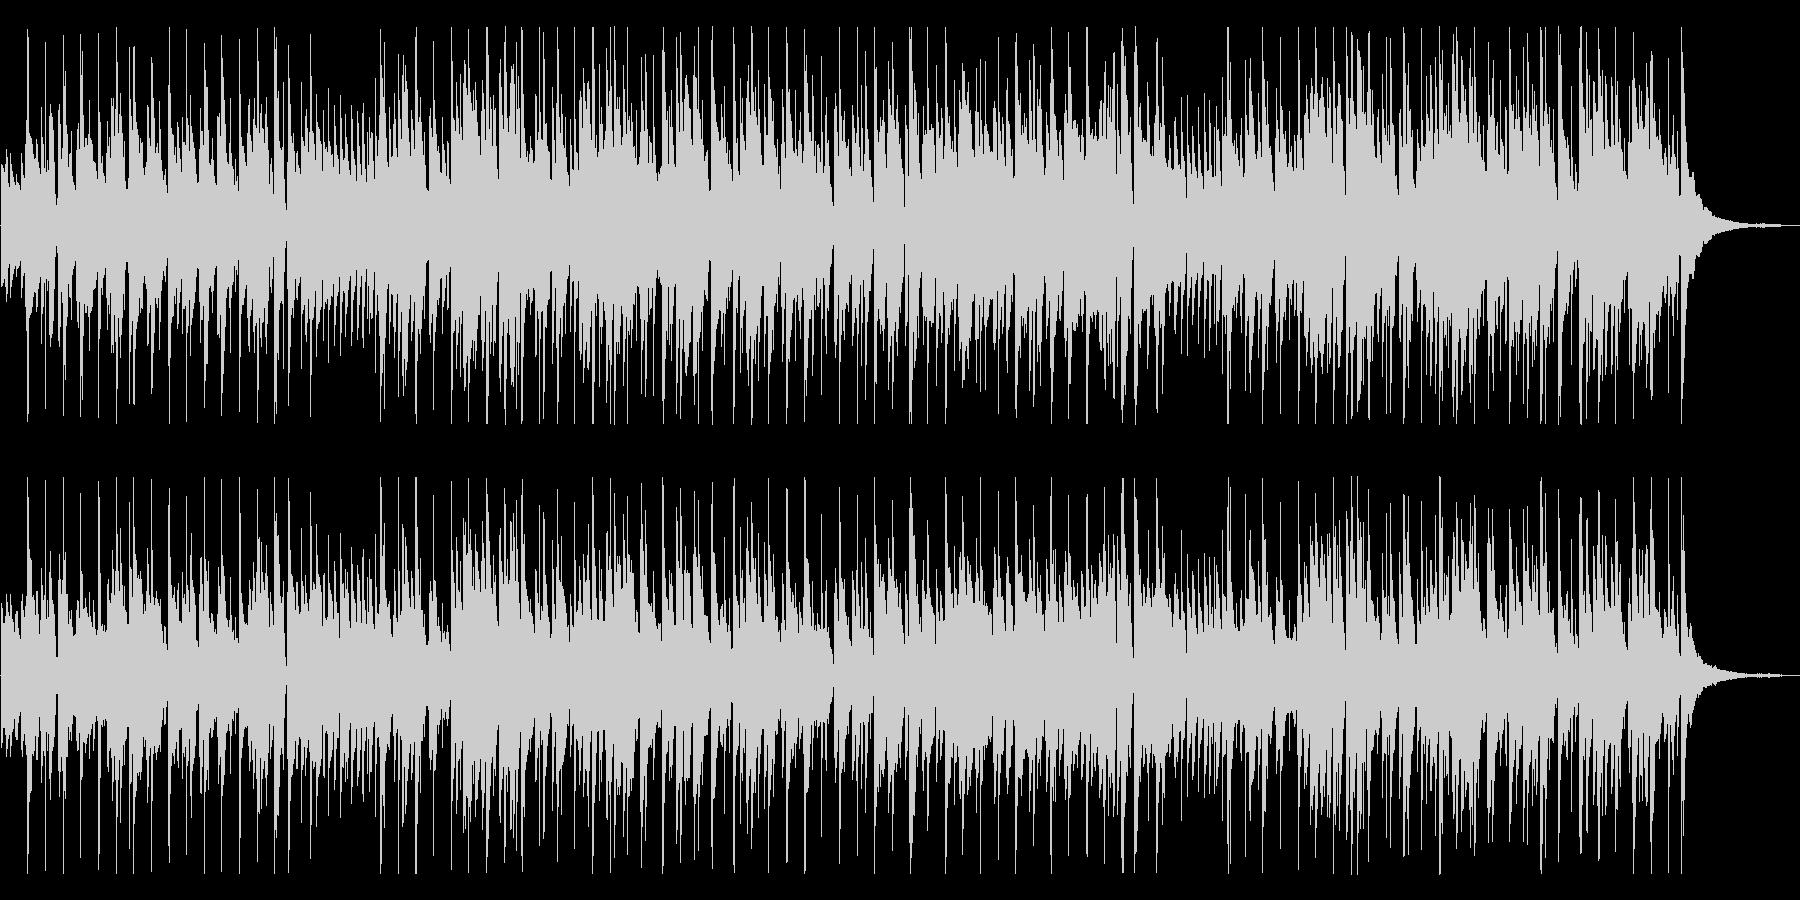 ボサノバとフュージョンの融合の未再生の波形